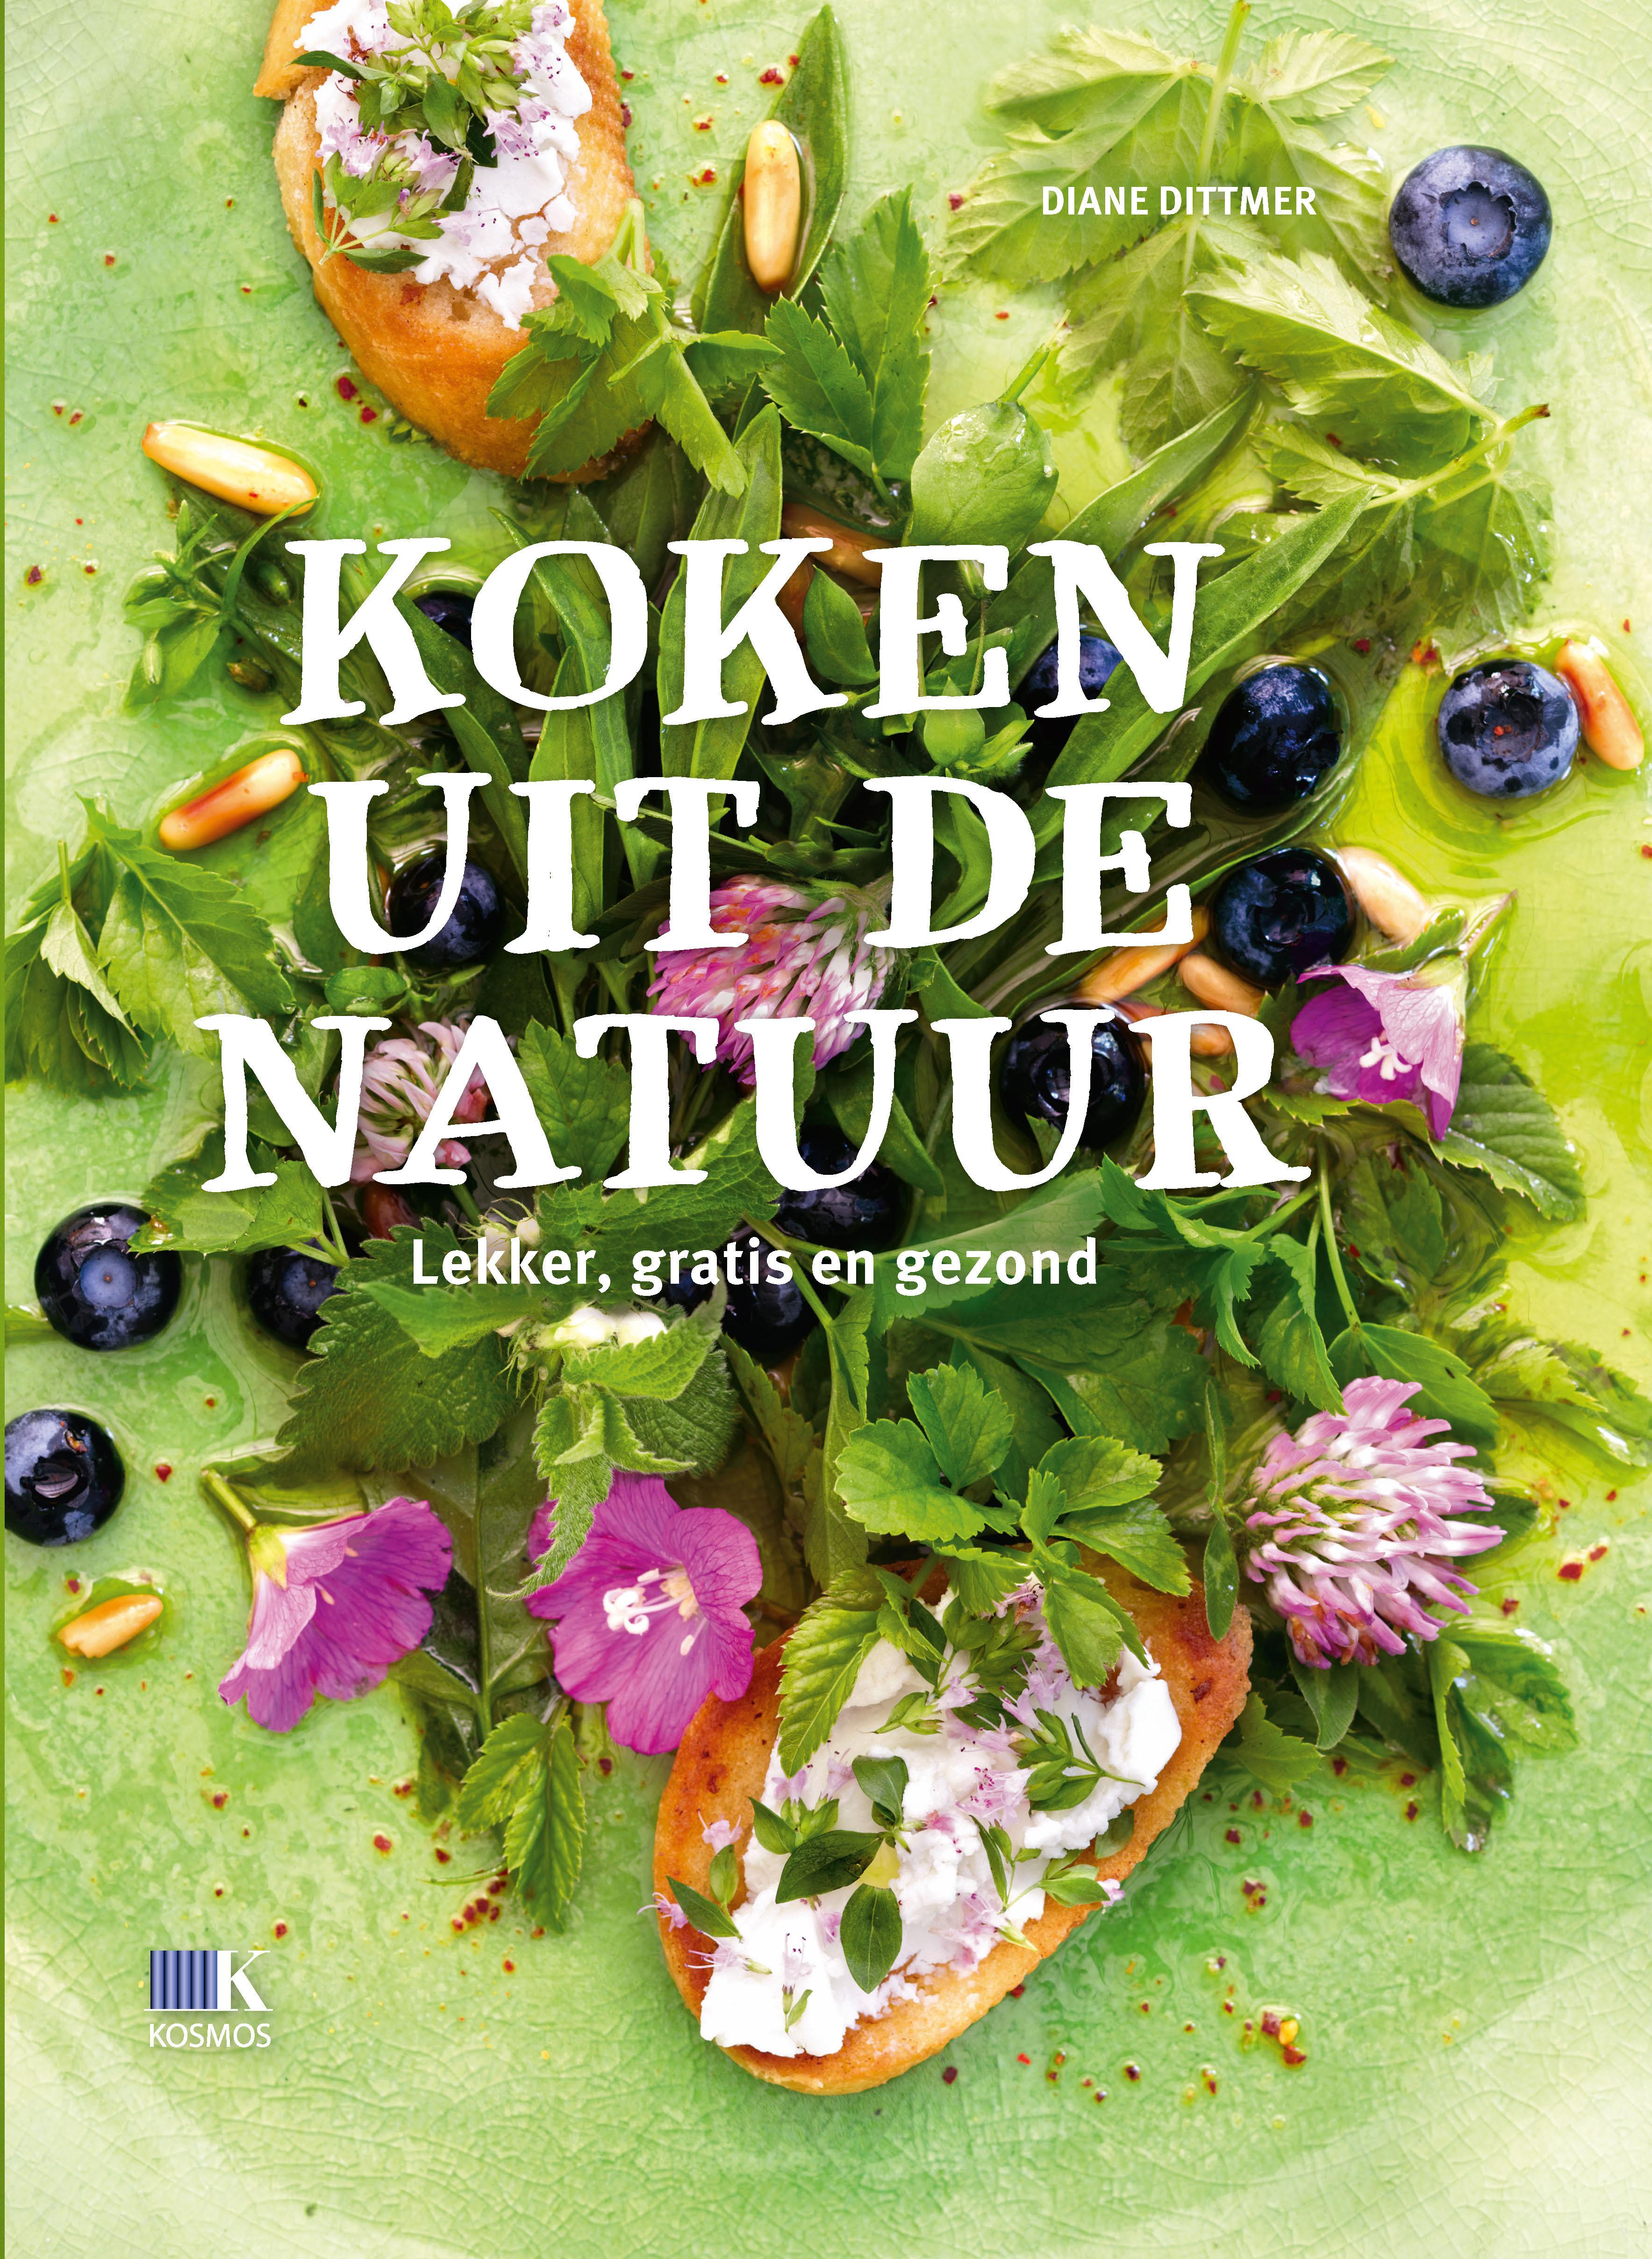 Koken uit de natuur – Diane Dittmer